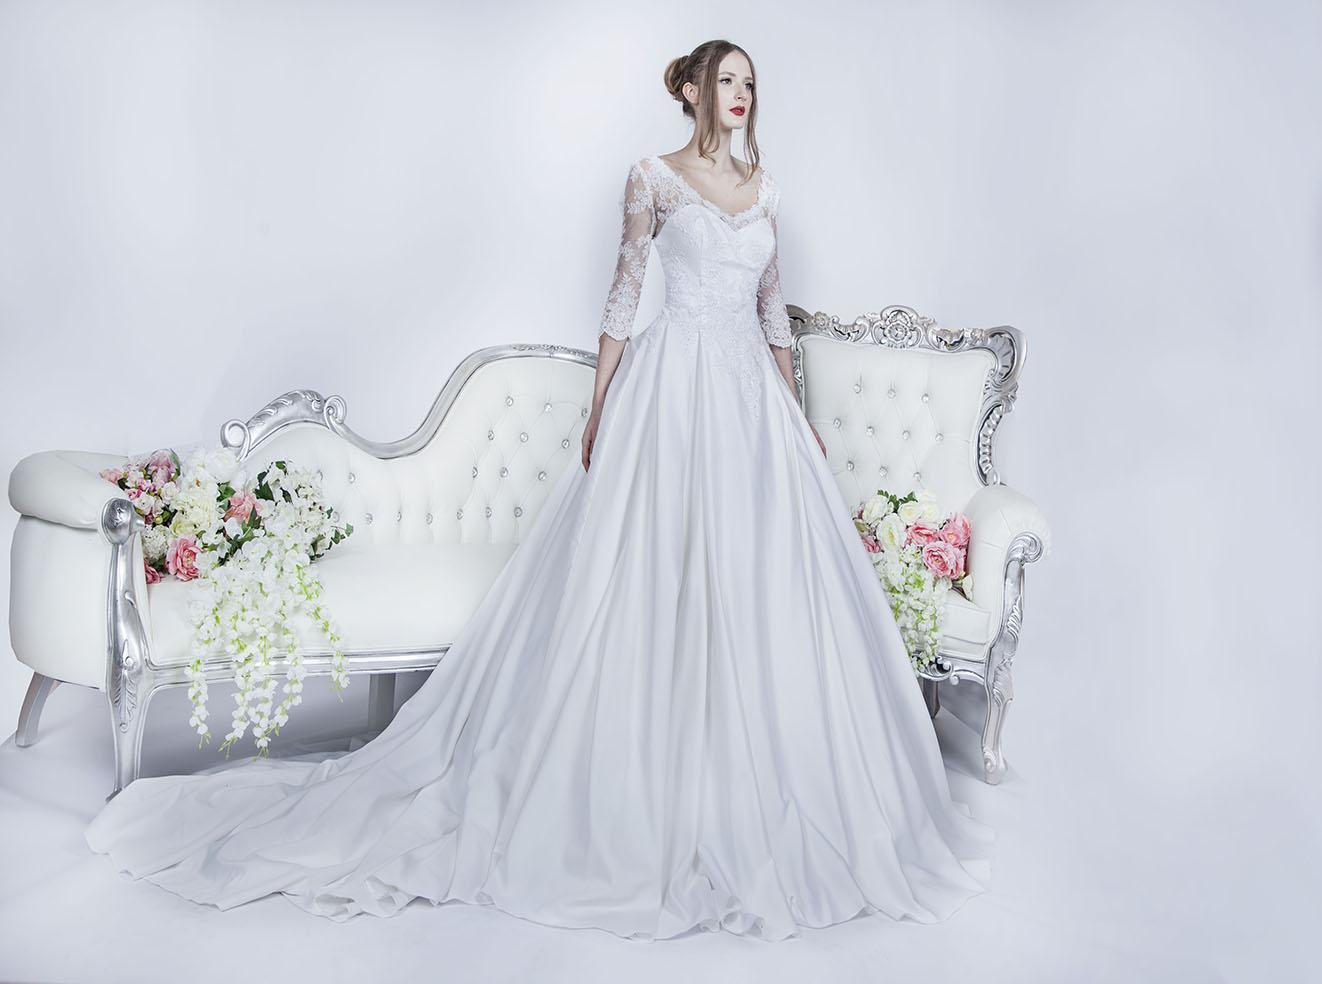 Svatební šaty tradičního elegantního stylu